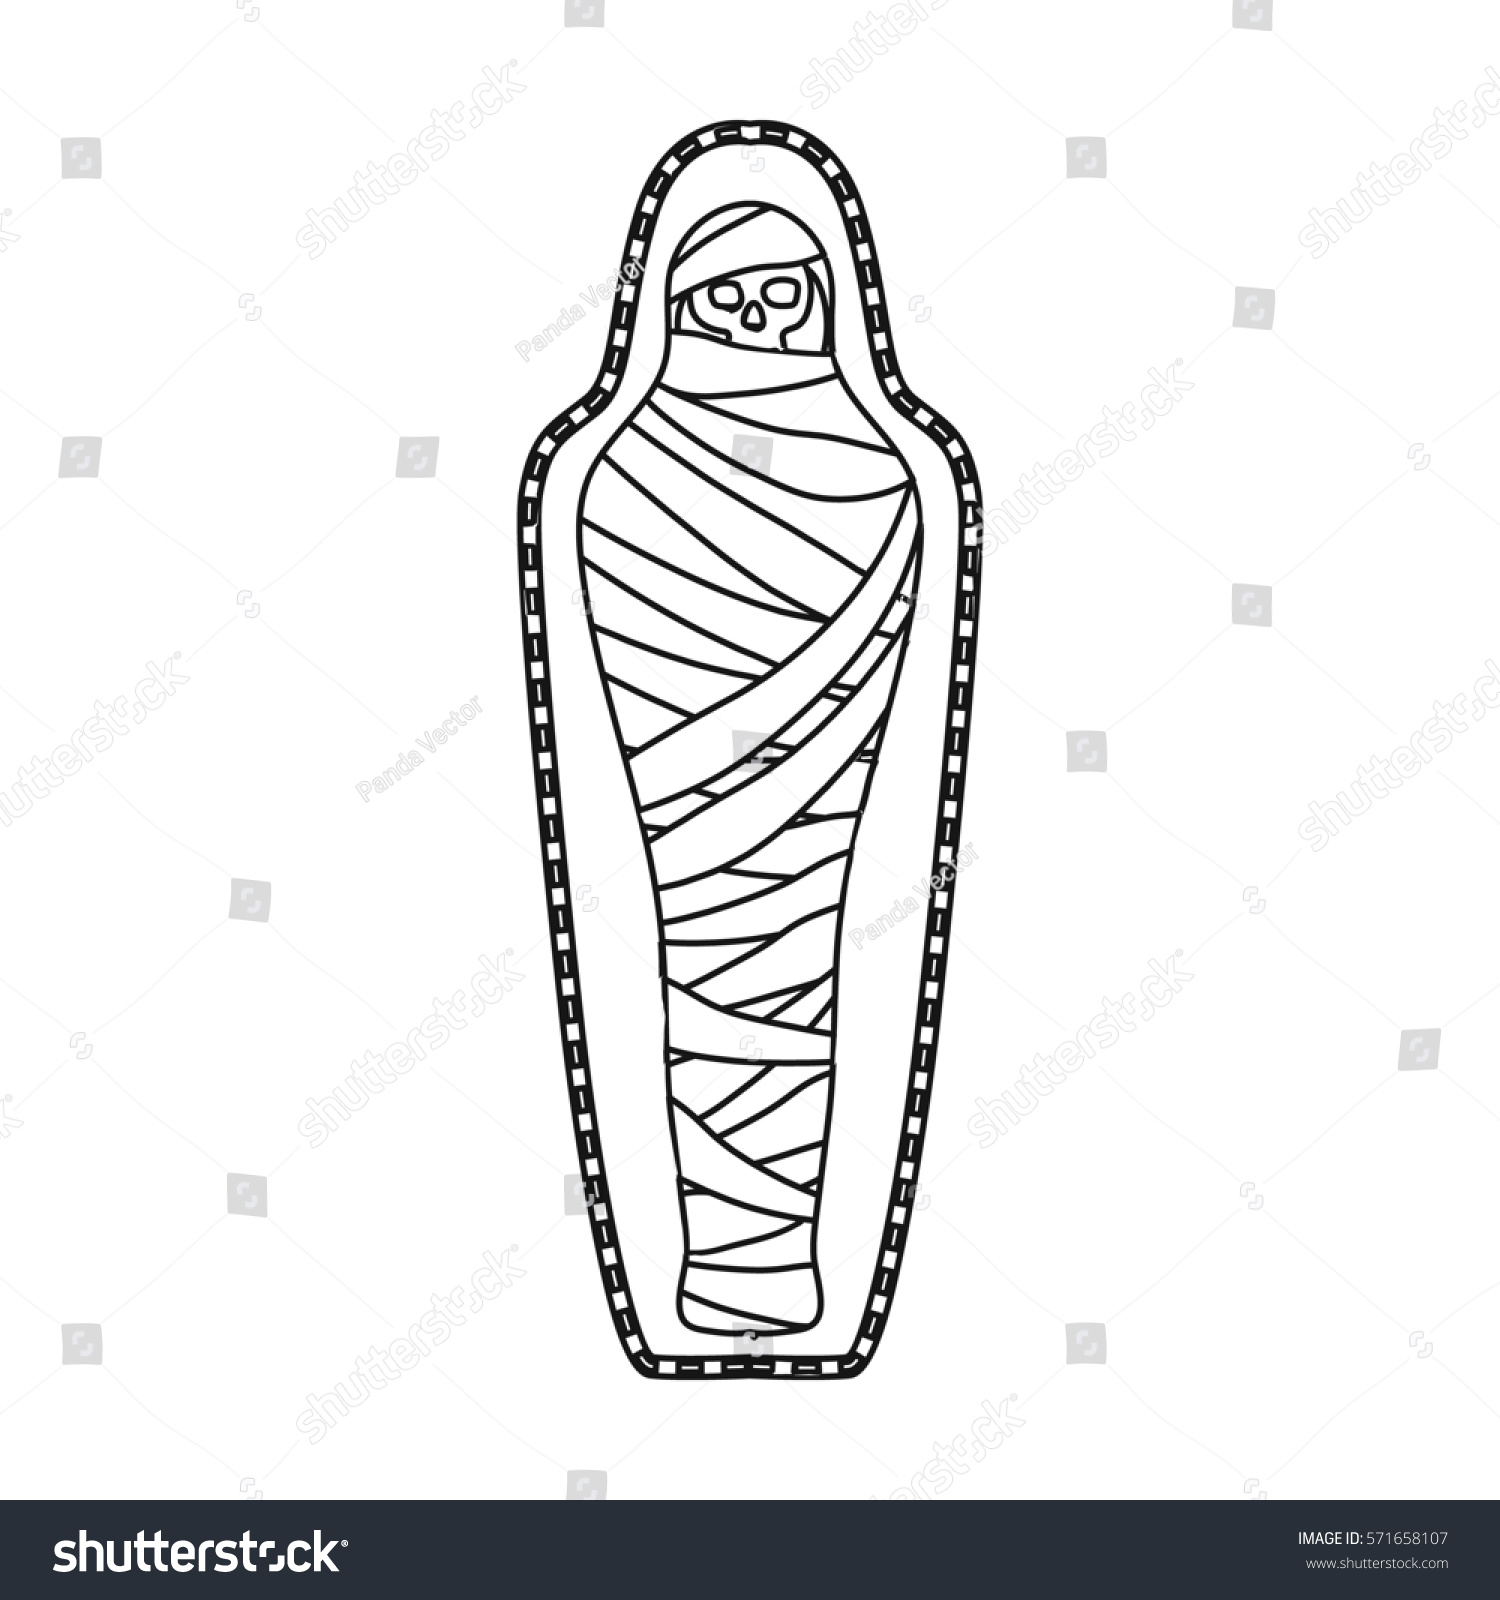 Ancient mummy icon outline style isolated stock illustration ancient mummy icon in outline style isolated on white background ancient egypt symbol stock bitmap buycottarizona